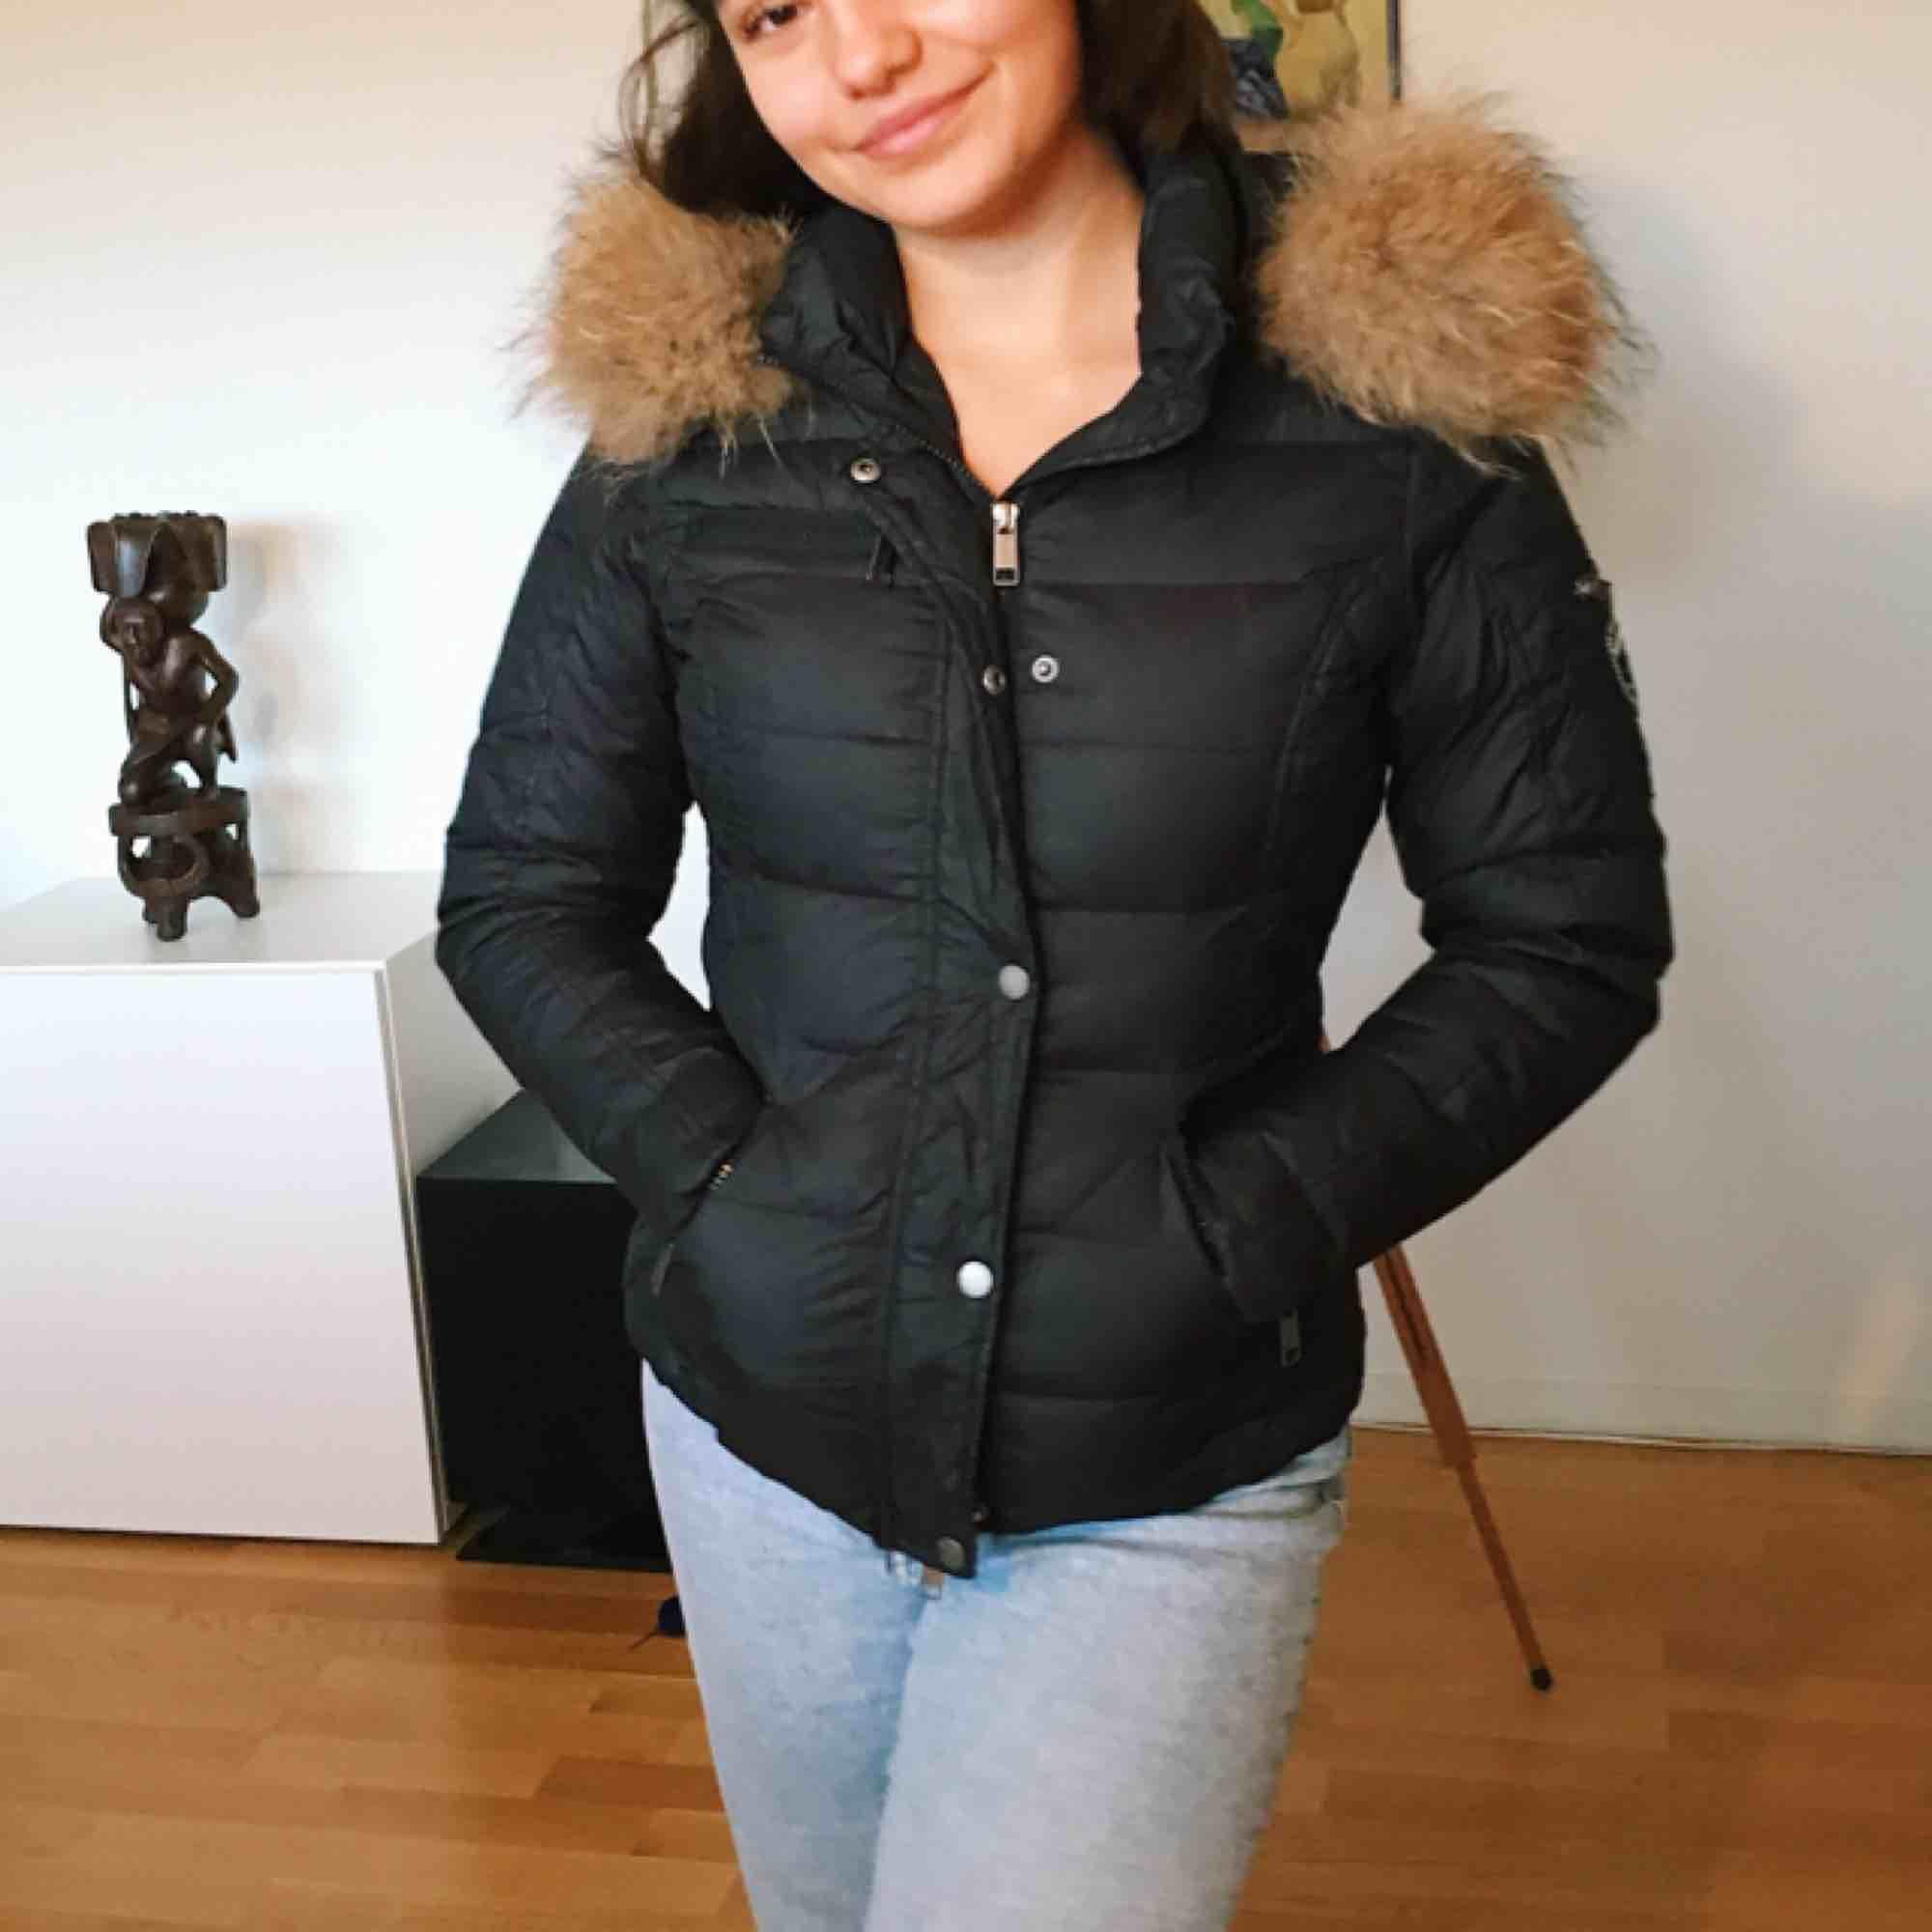 Figursydd rockandblue jacka. Köpte för runt 4000kr så säljer därför för halva priset. Jackan är knappt använd. Det är äkta mink hår på luvan. . Jackor.